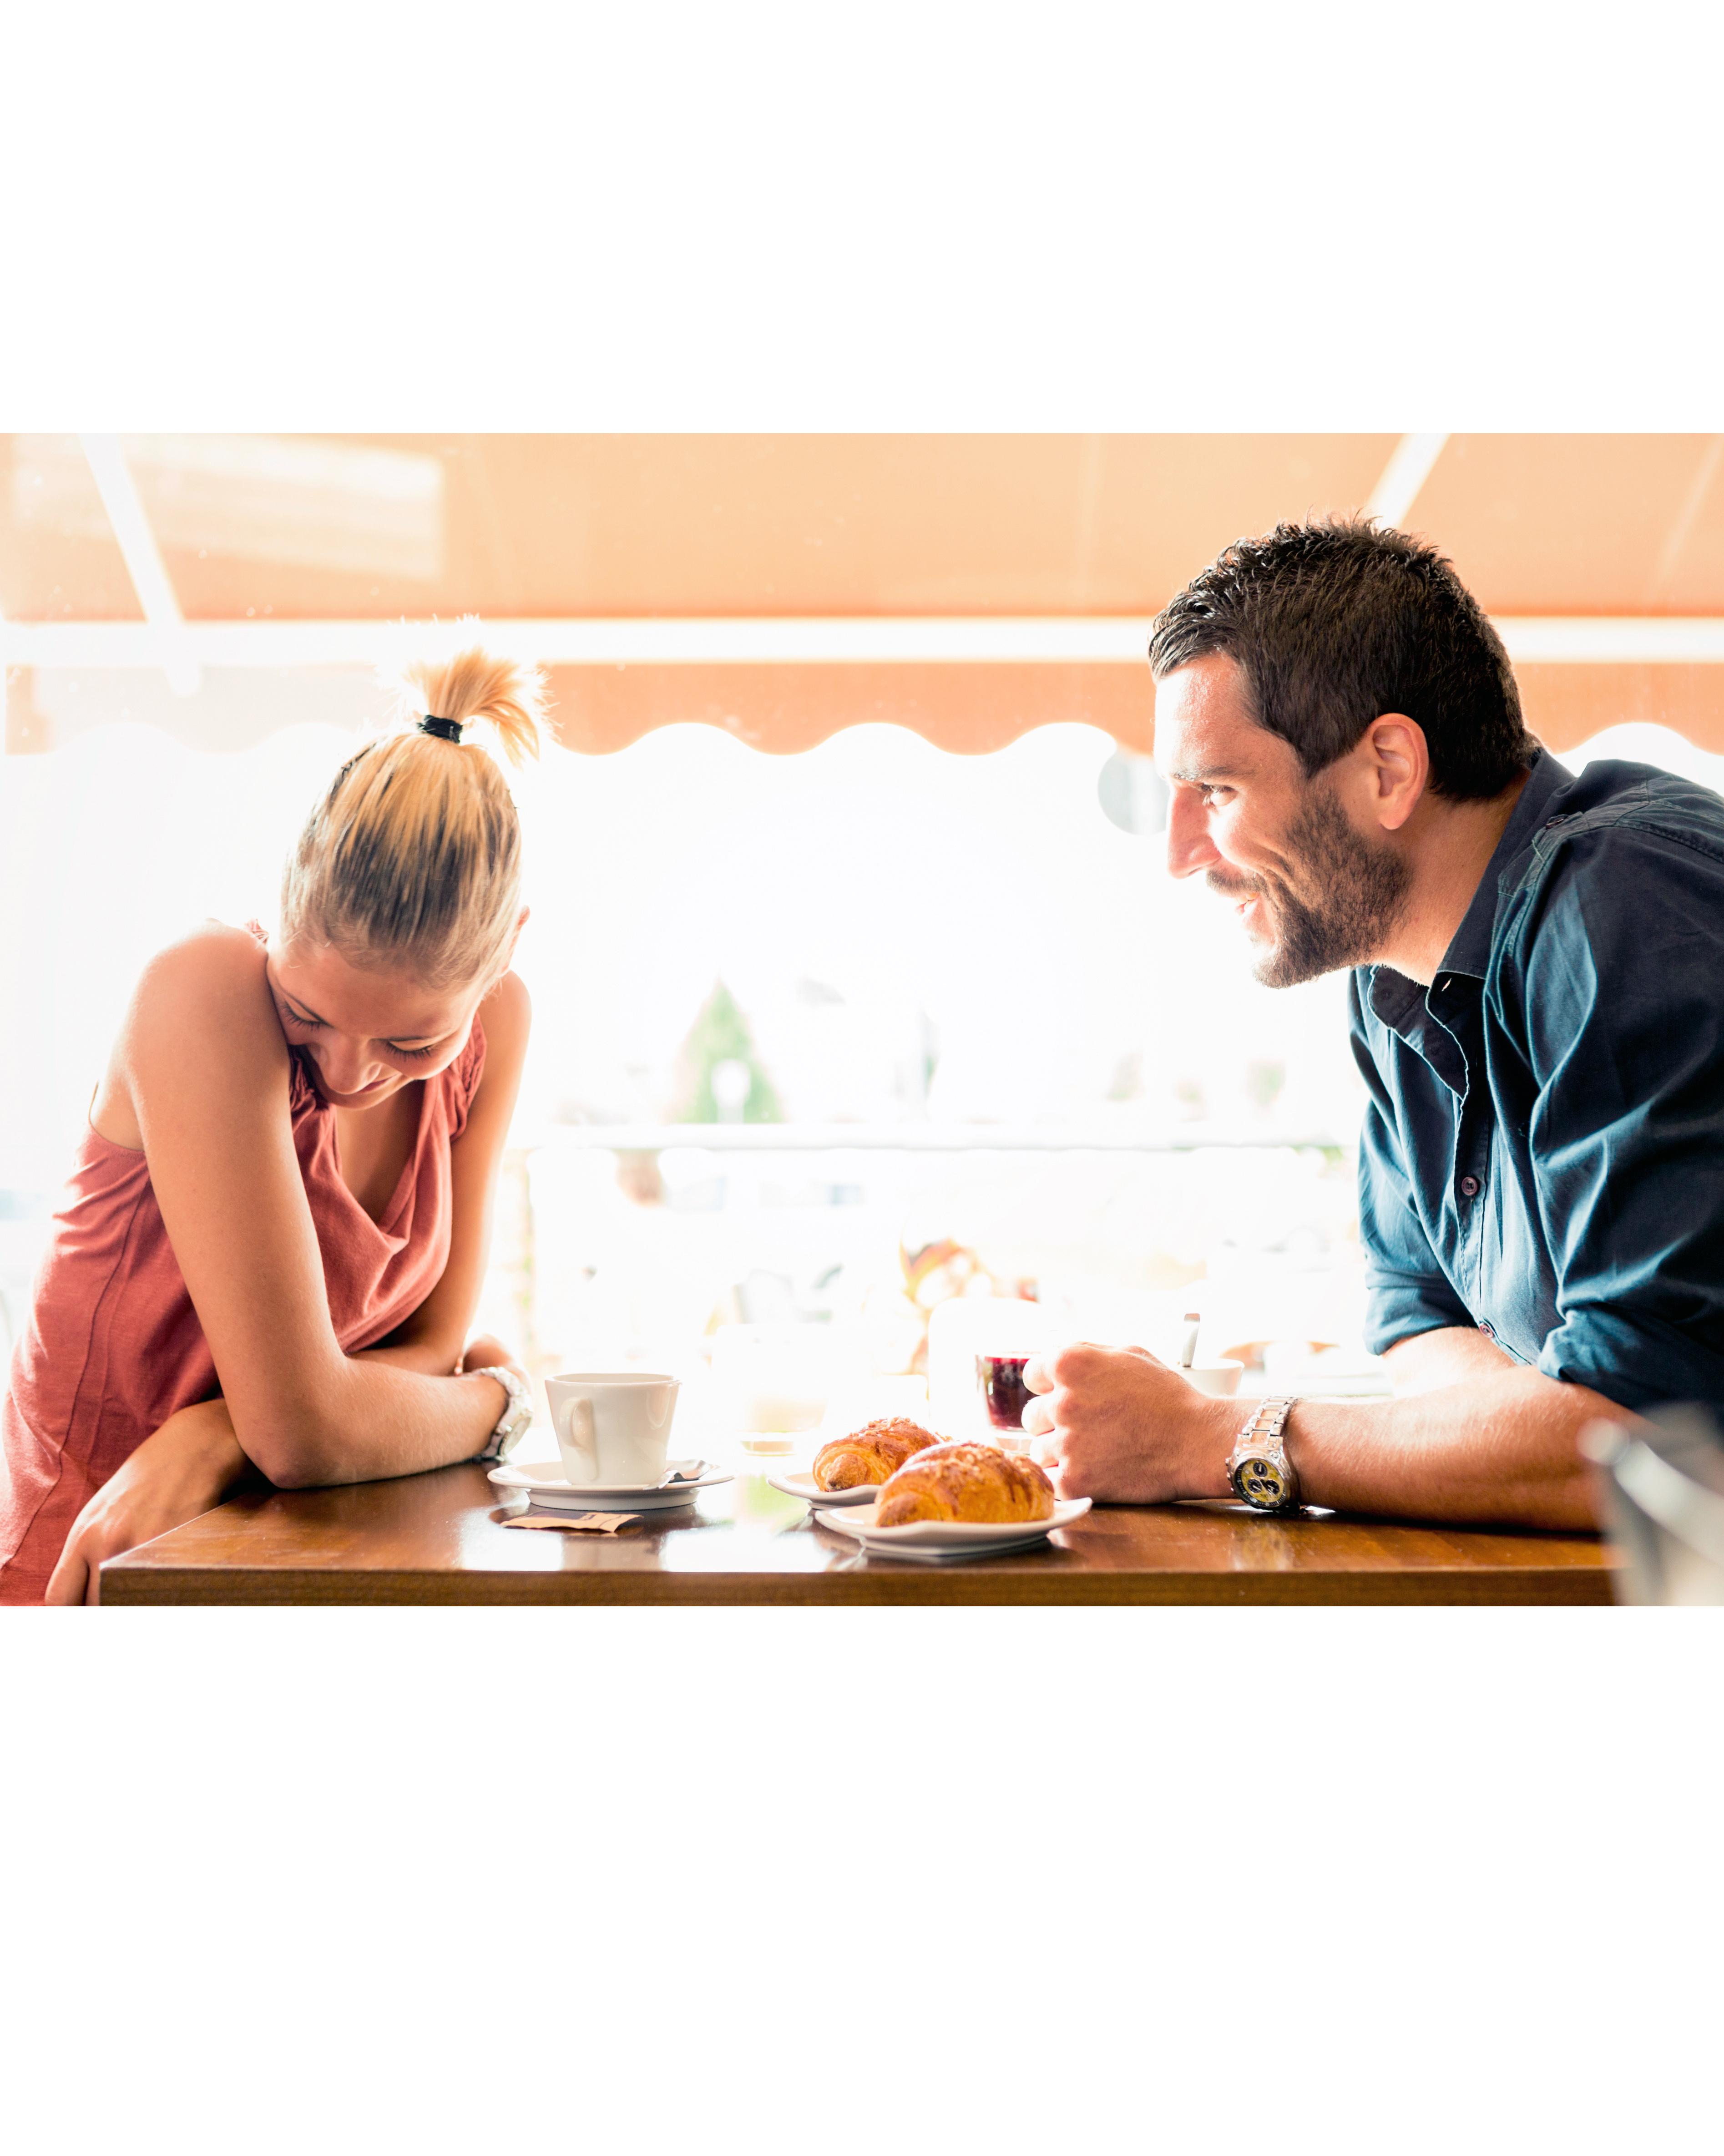 Hoe dating werkt 20s v 30s